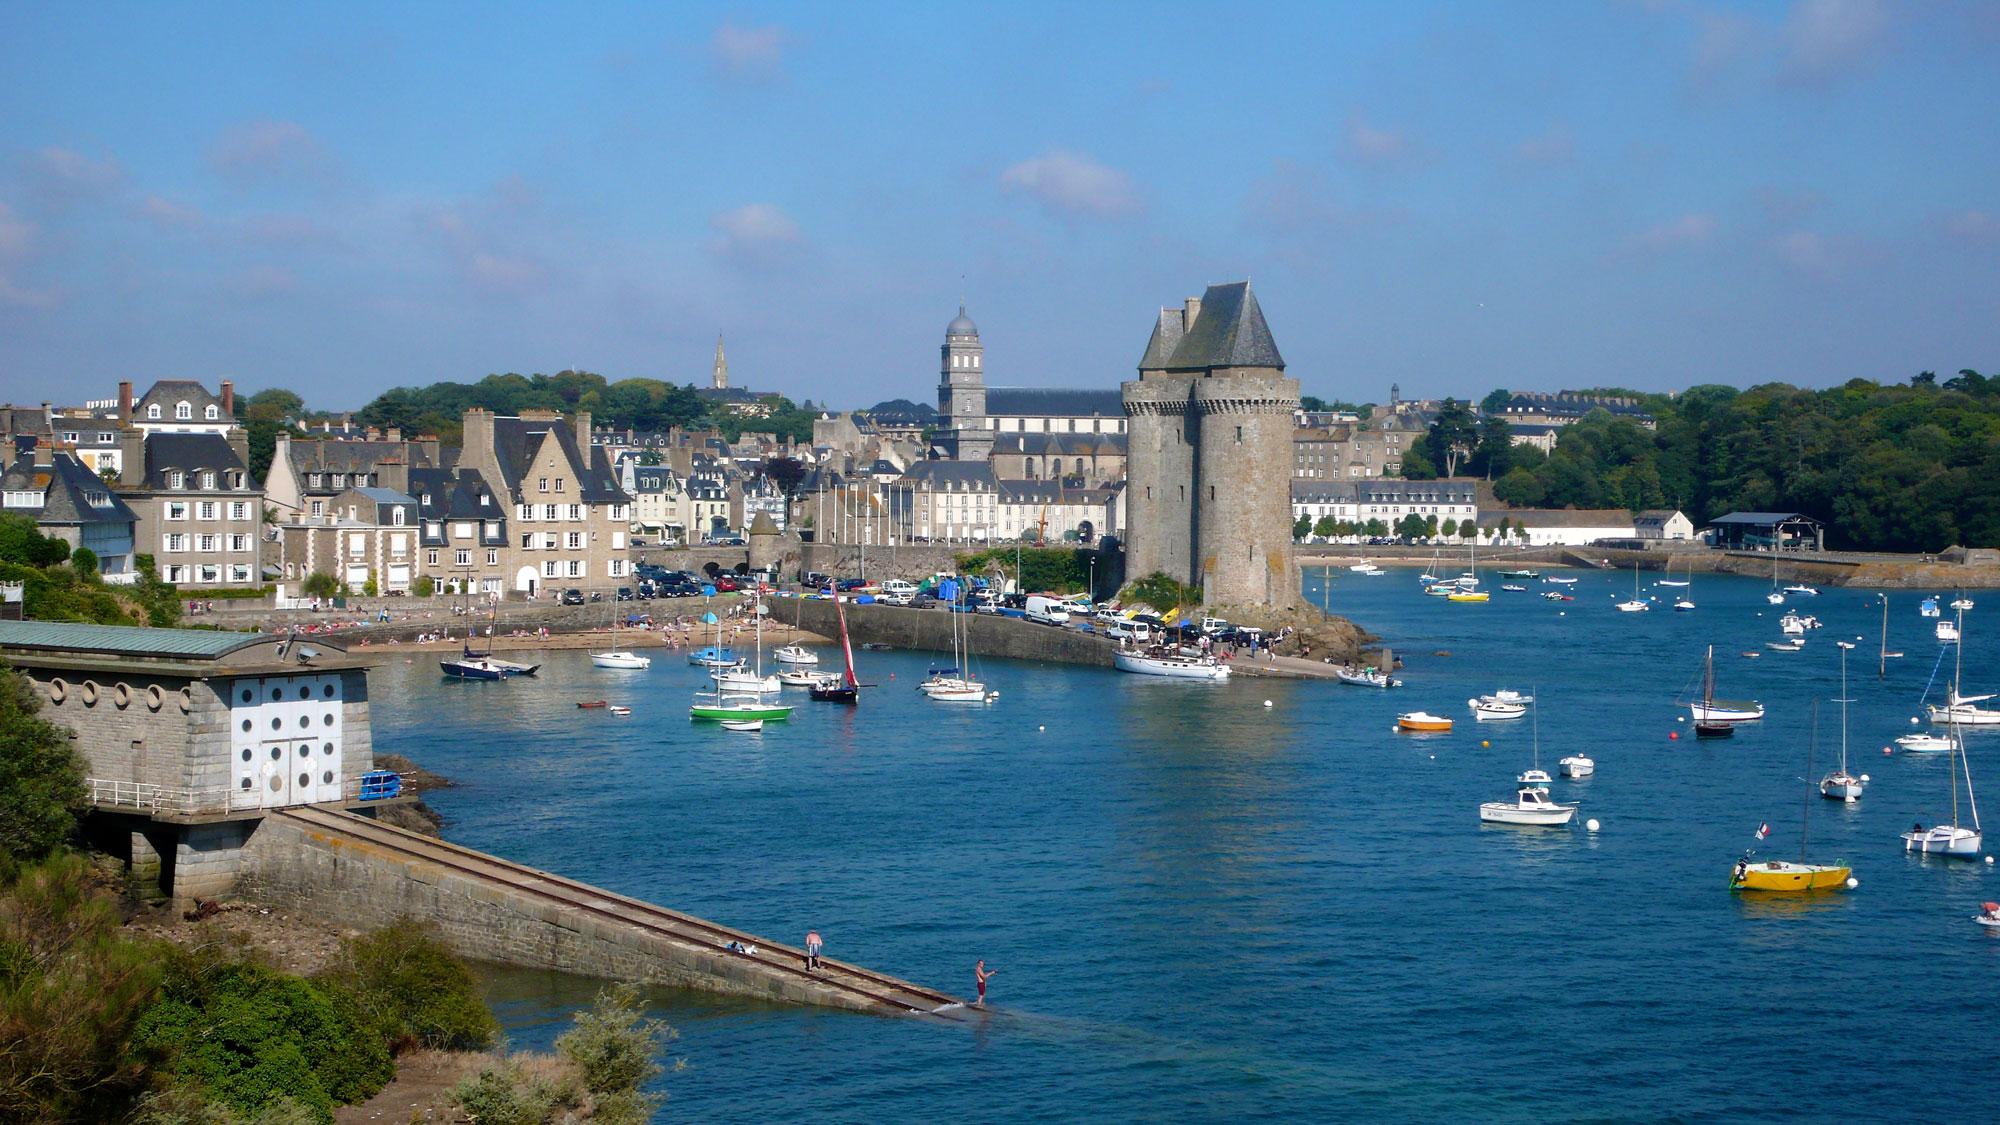 Saint-Malo (cliquez pour afficher en grand)